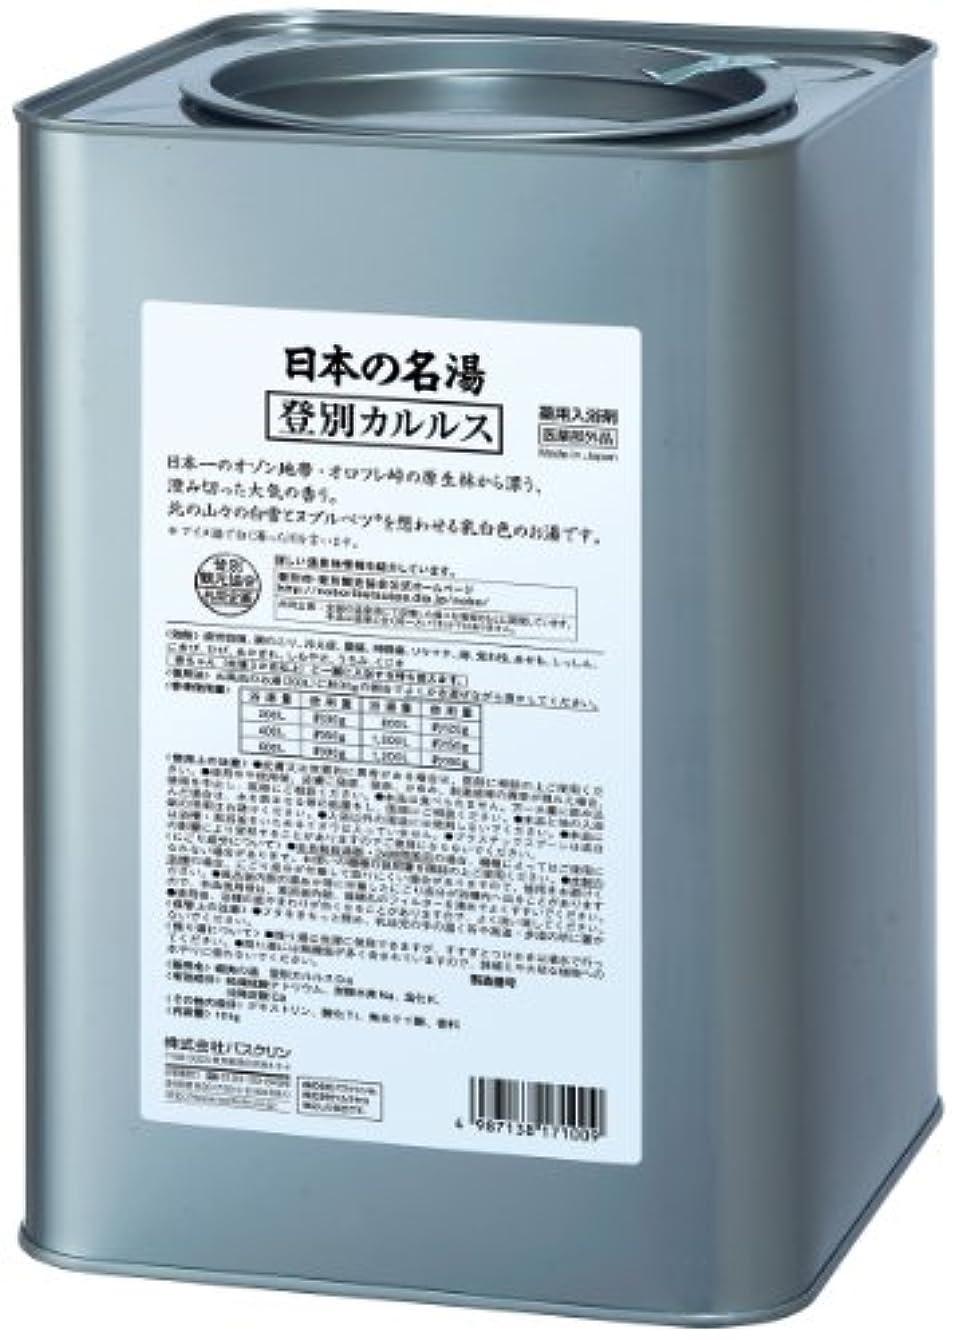 活力かどうか仮装【医薬部外品/業務用】日本の名湯入浴剤 登別カルルス(北海道)10kg 大容量 温泉成分 温泉タイプ